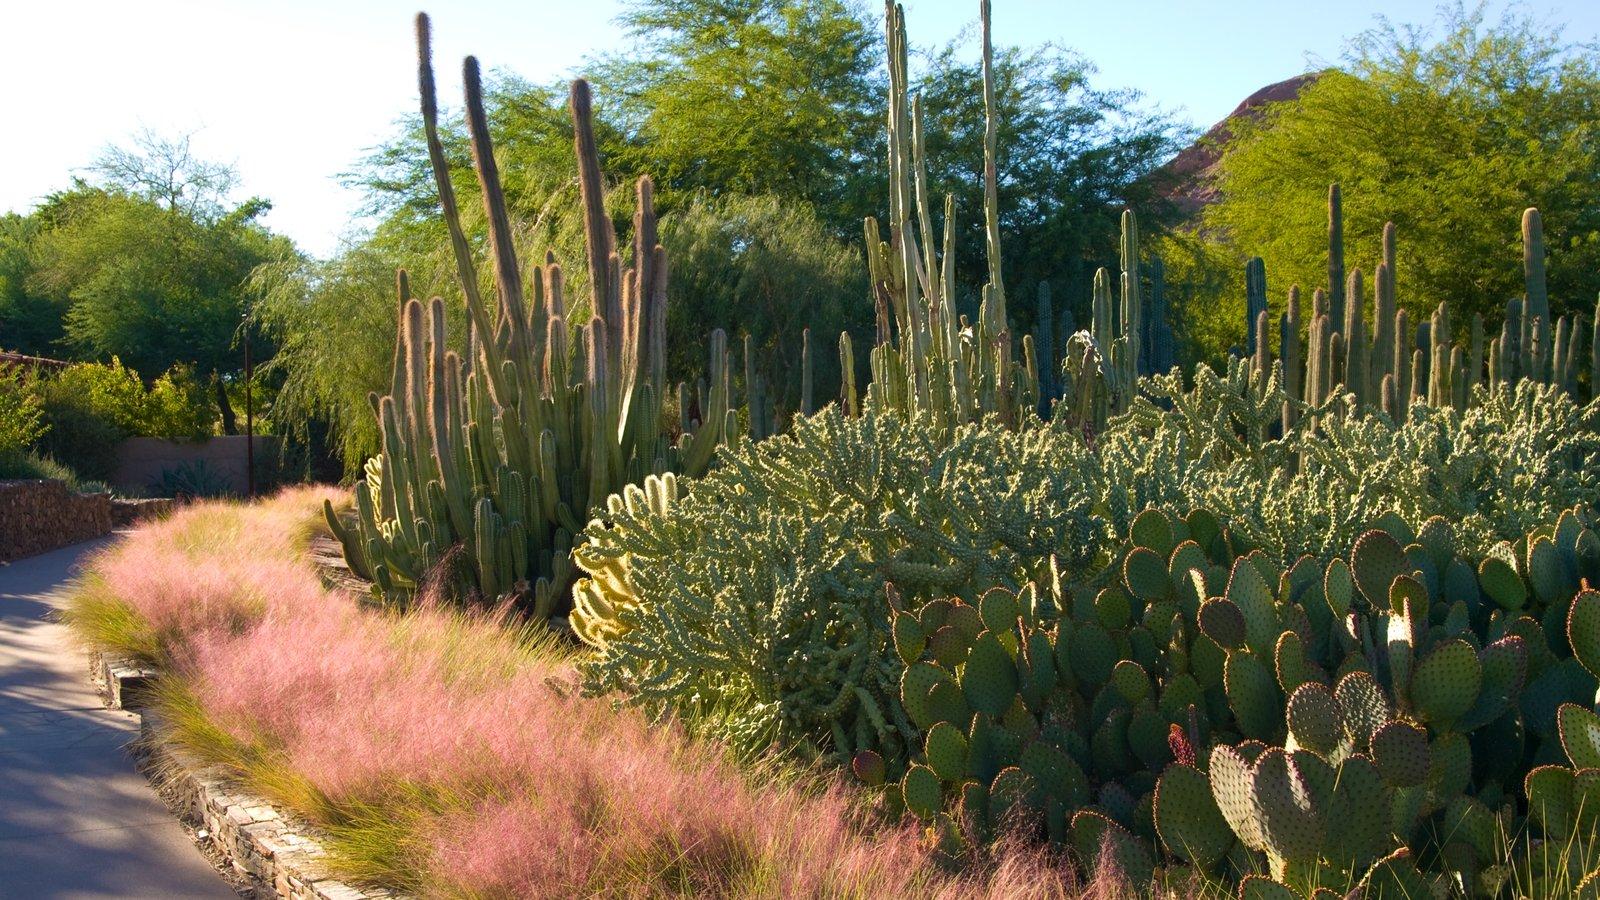 Desert Botanical Garden showing a park, desert views and landscape views